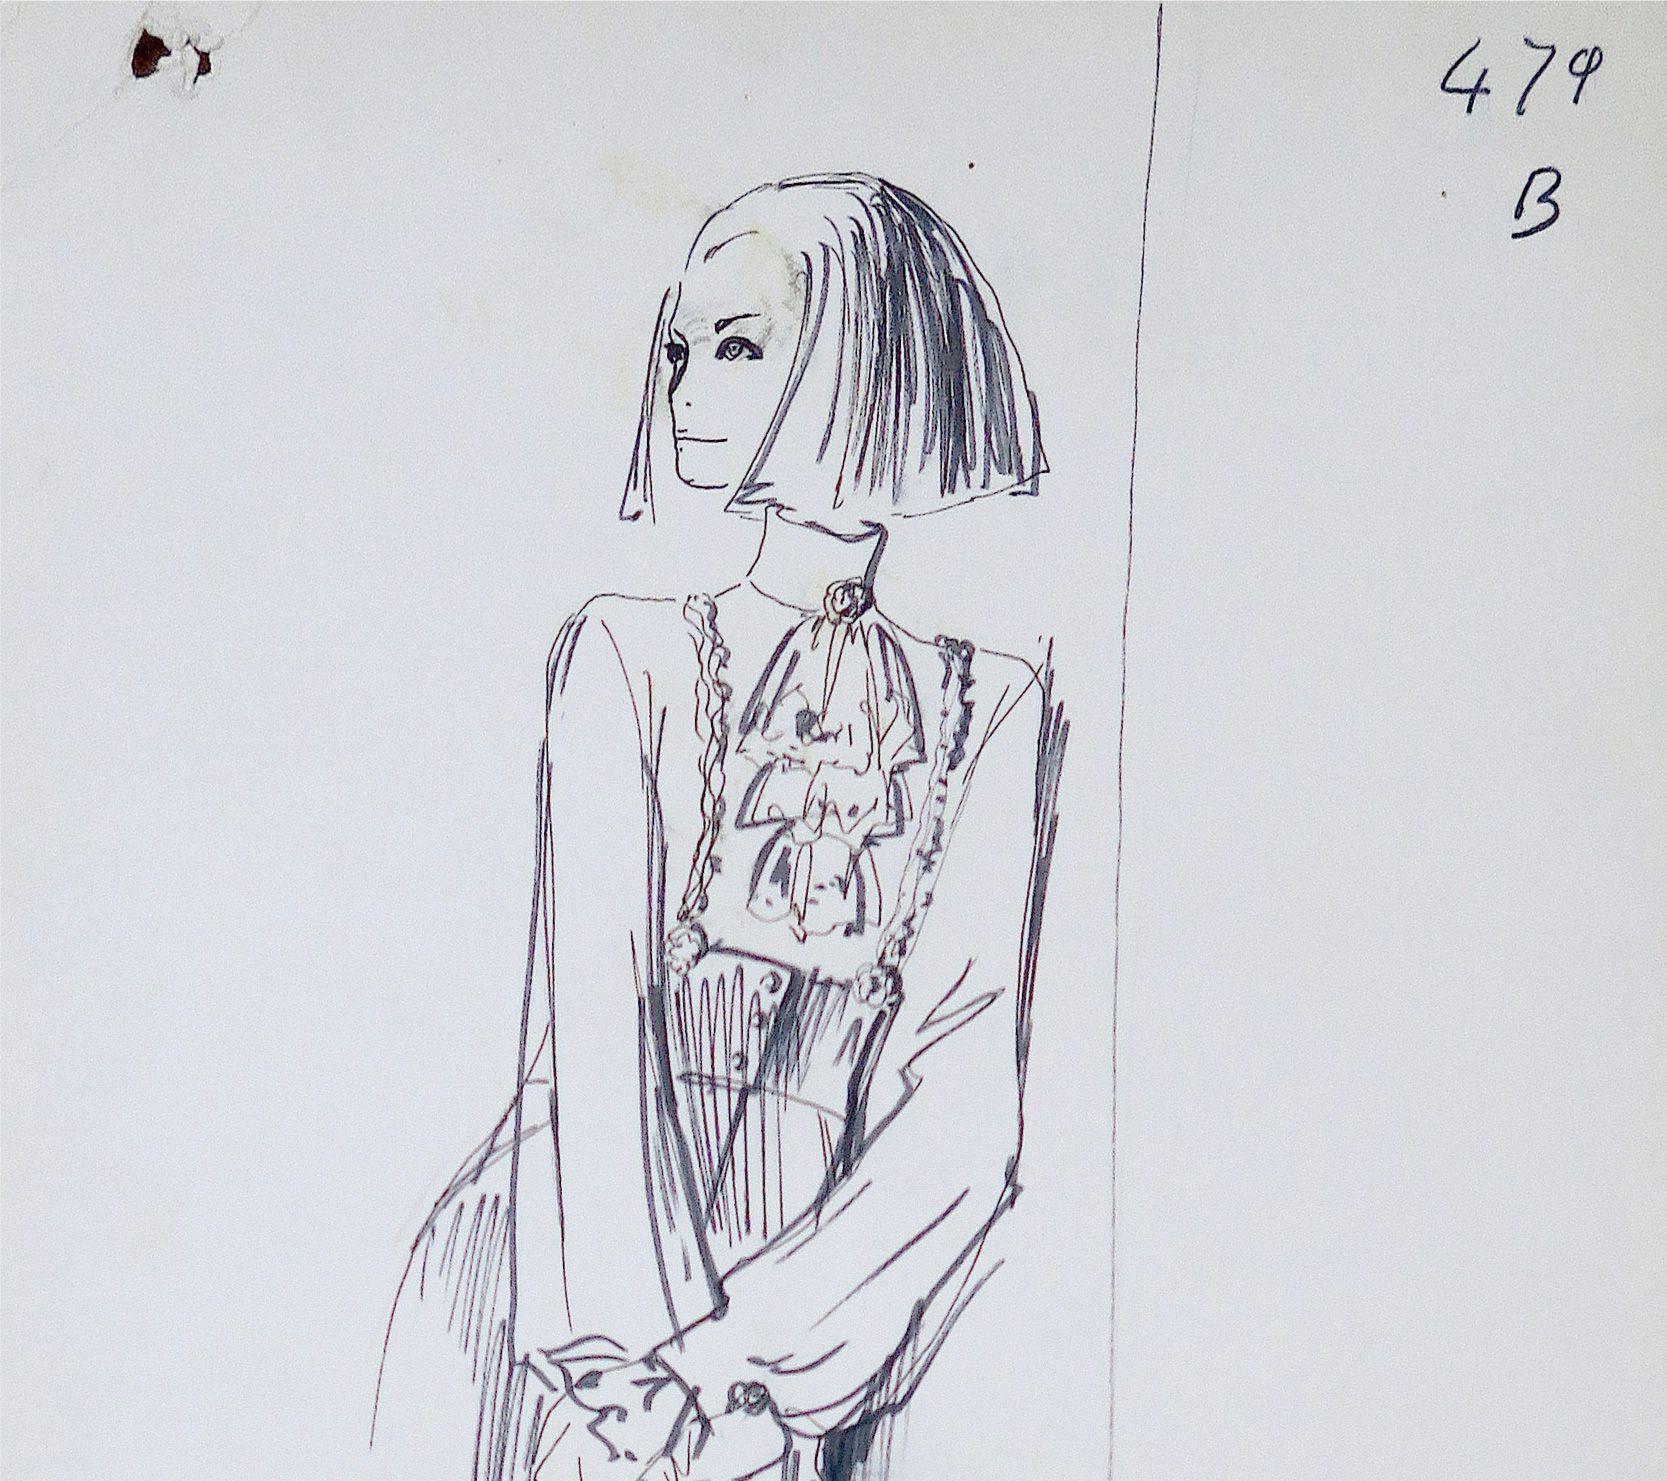 時尚老佛爺Karl Lagerfeld手稿原作將於十月ART TAIPEI 首展曝光!